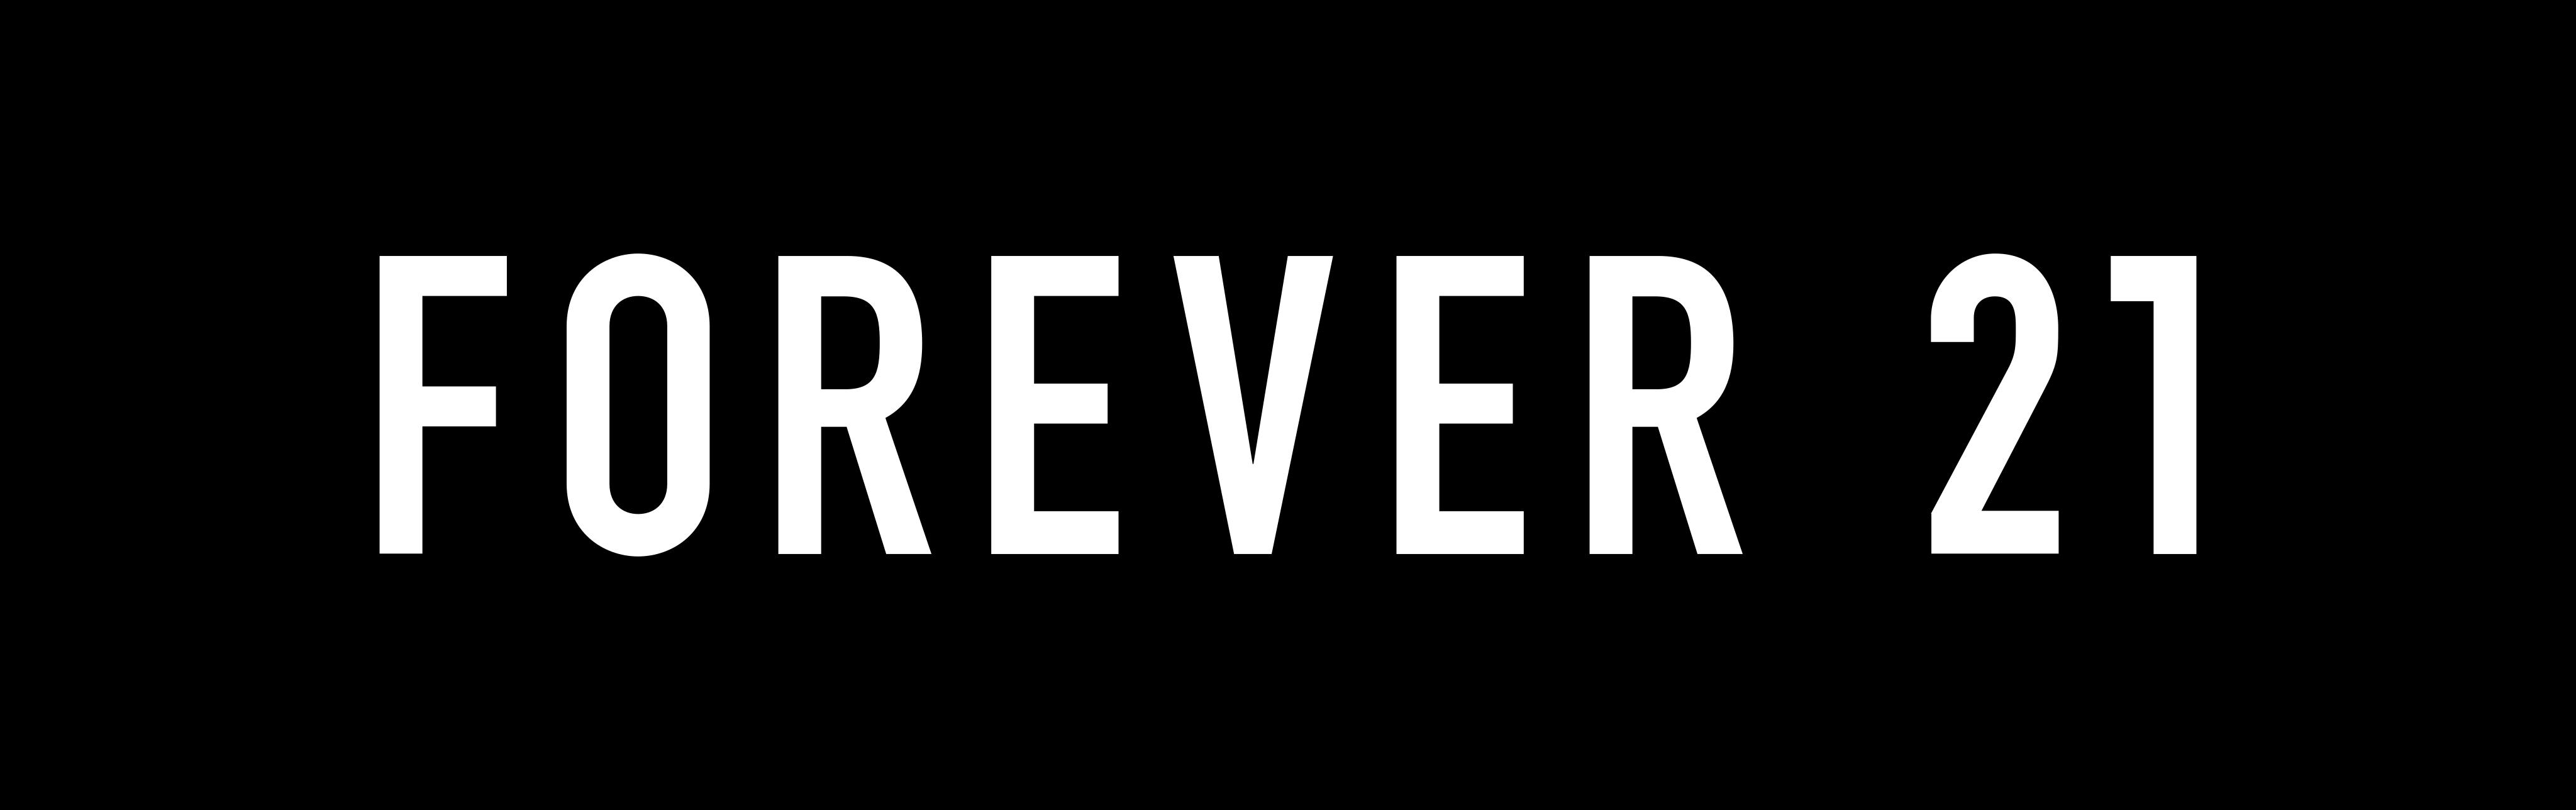 forever 21 logo 1 - Forever 21 Logo